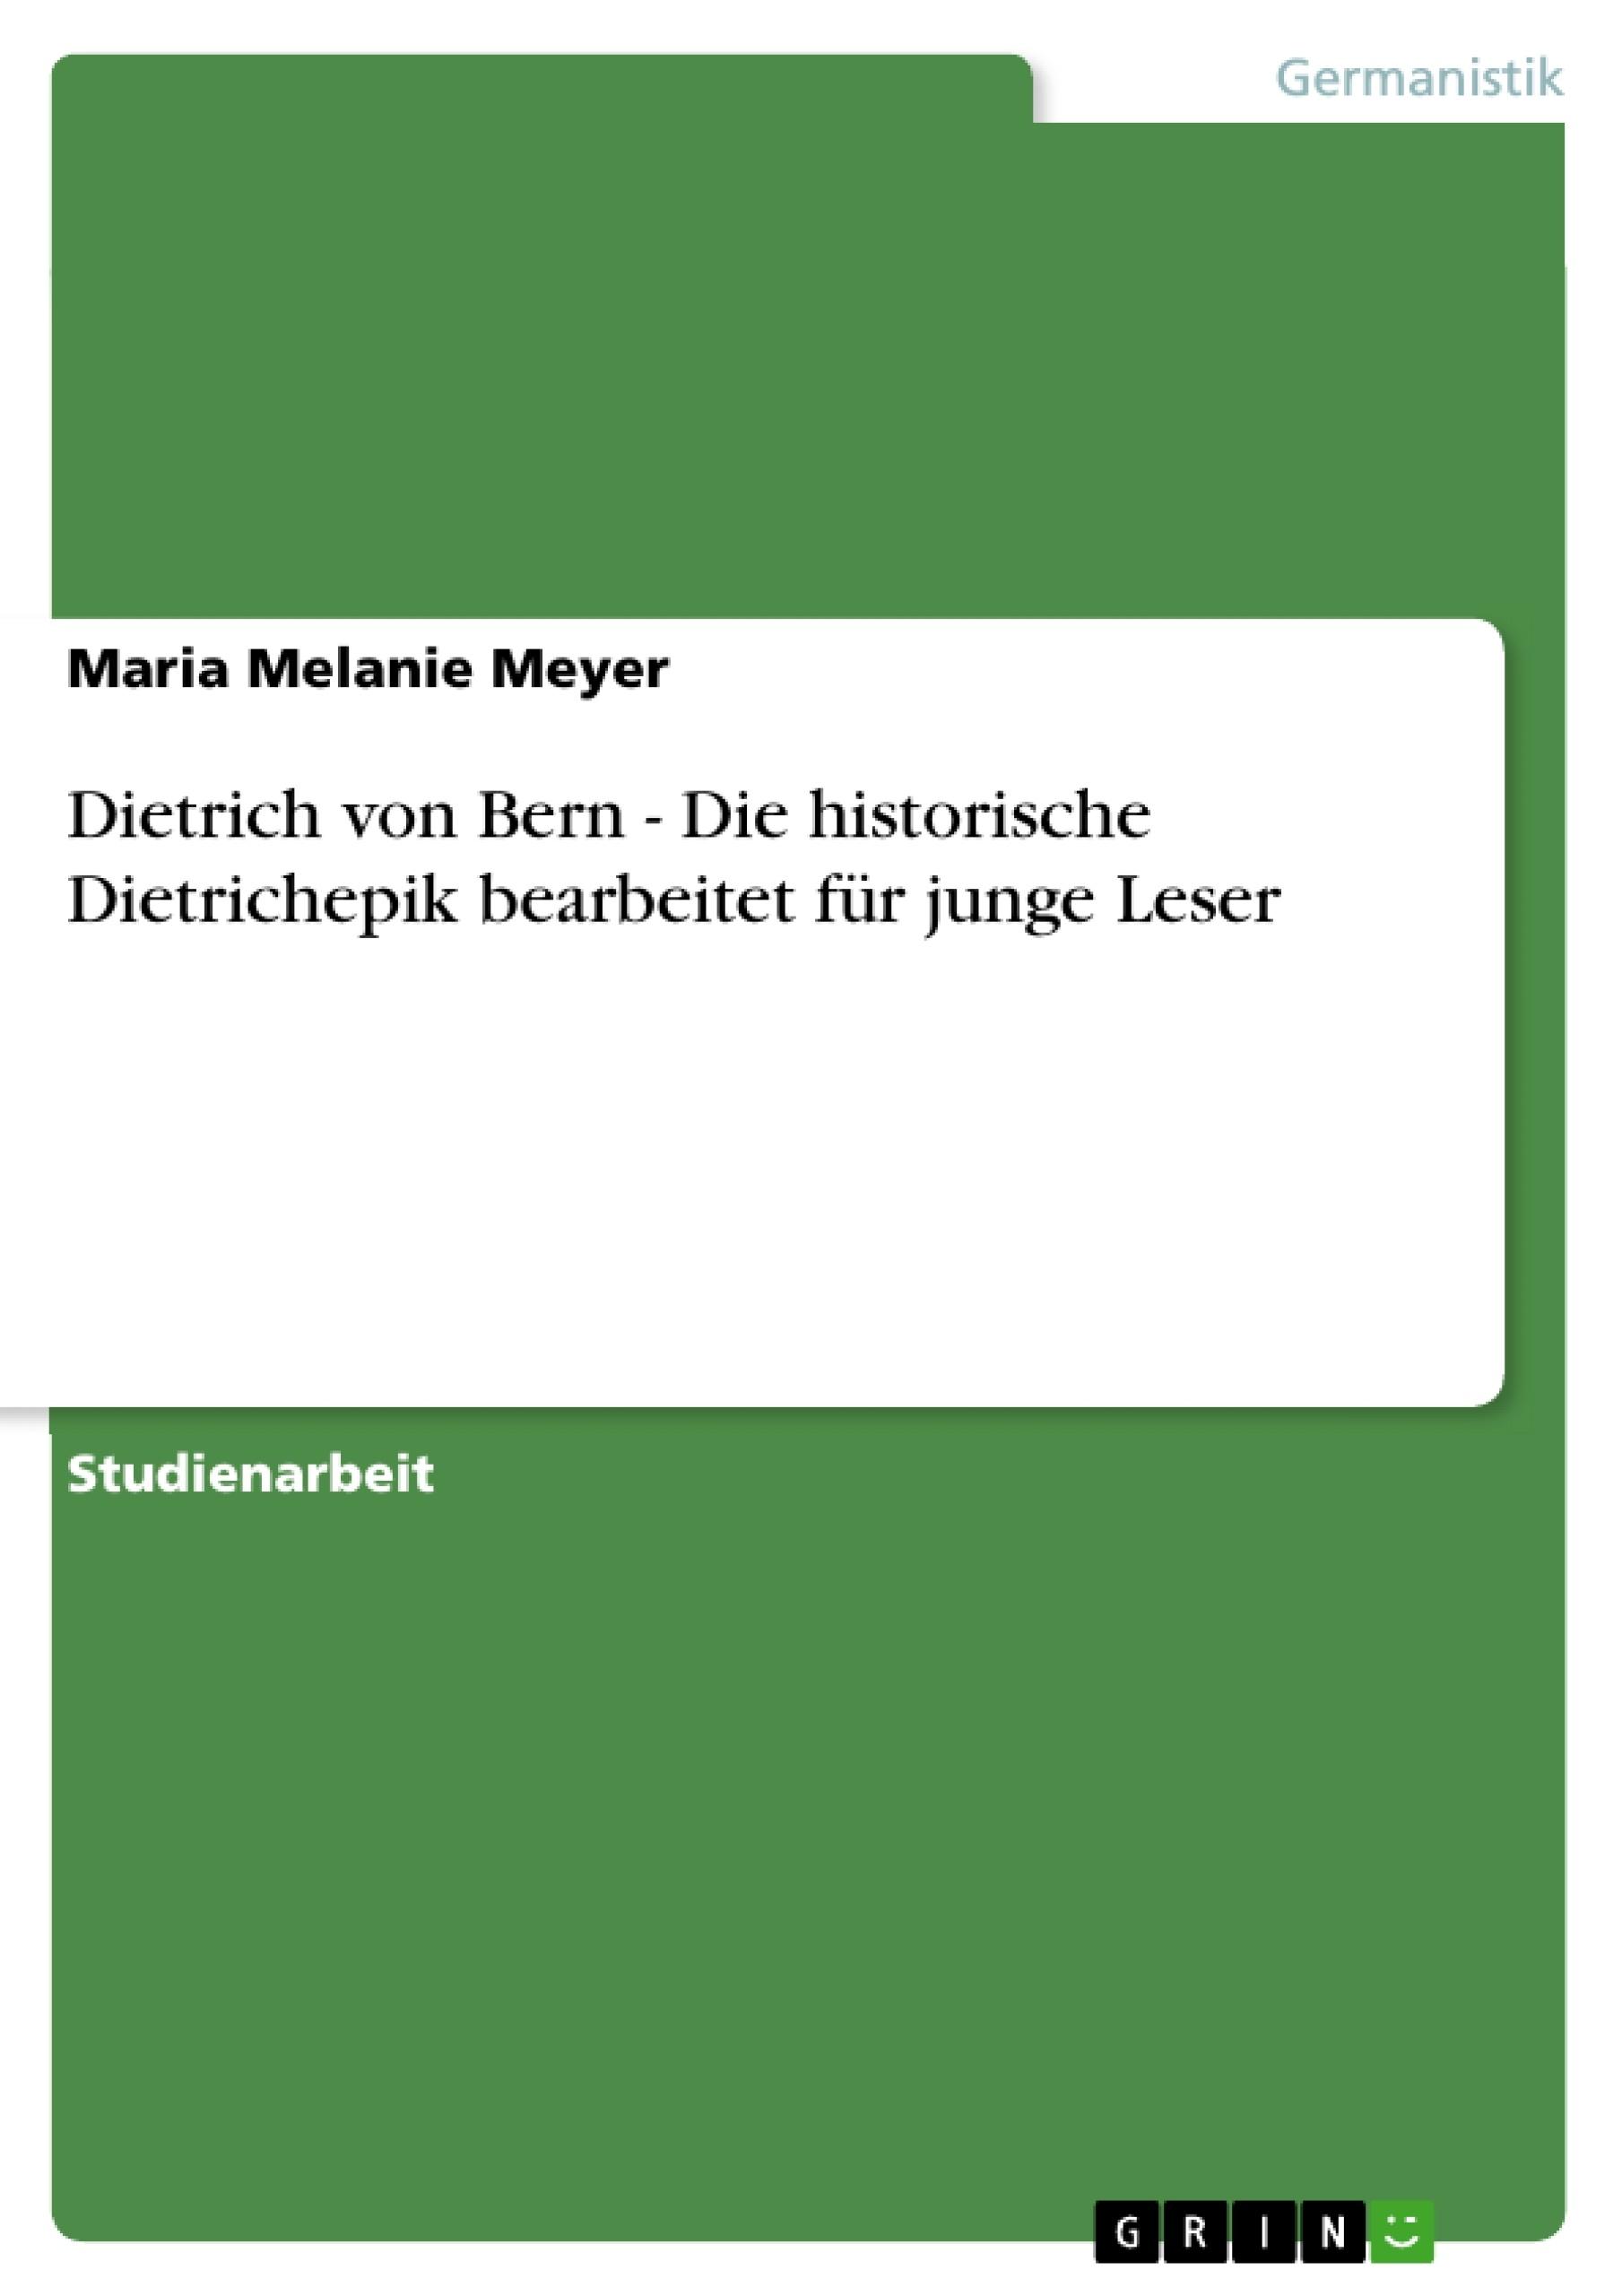 Titel: Dietrich von Bern - Die historische Dietrichepik bearbeitet für junge Leser